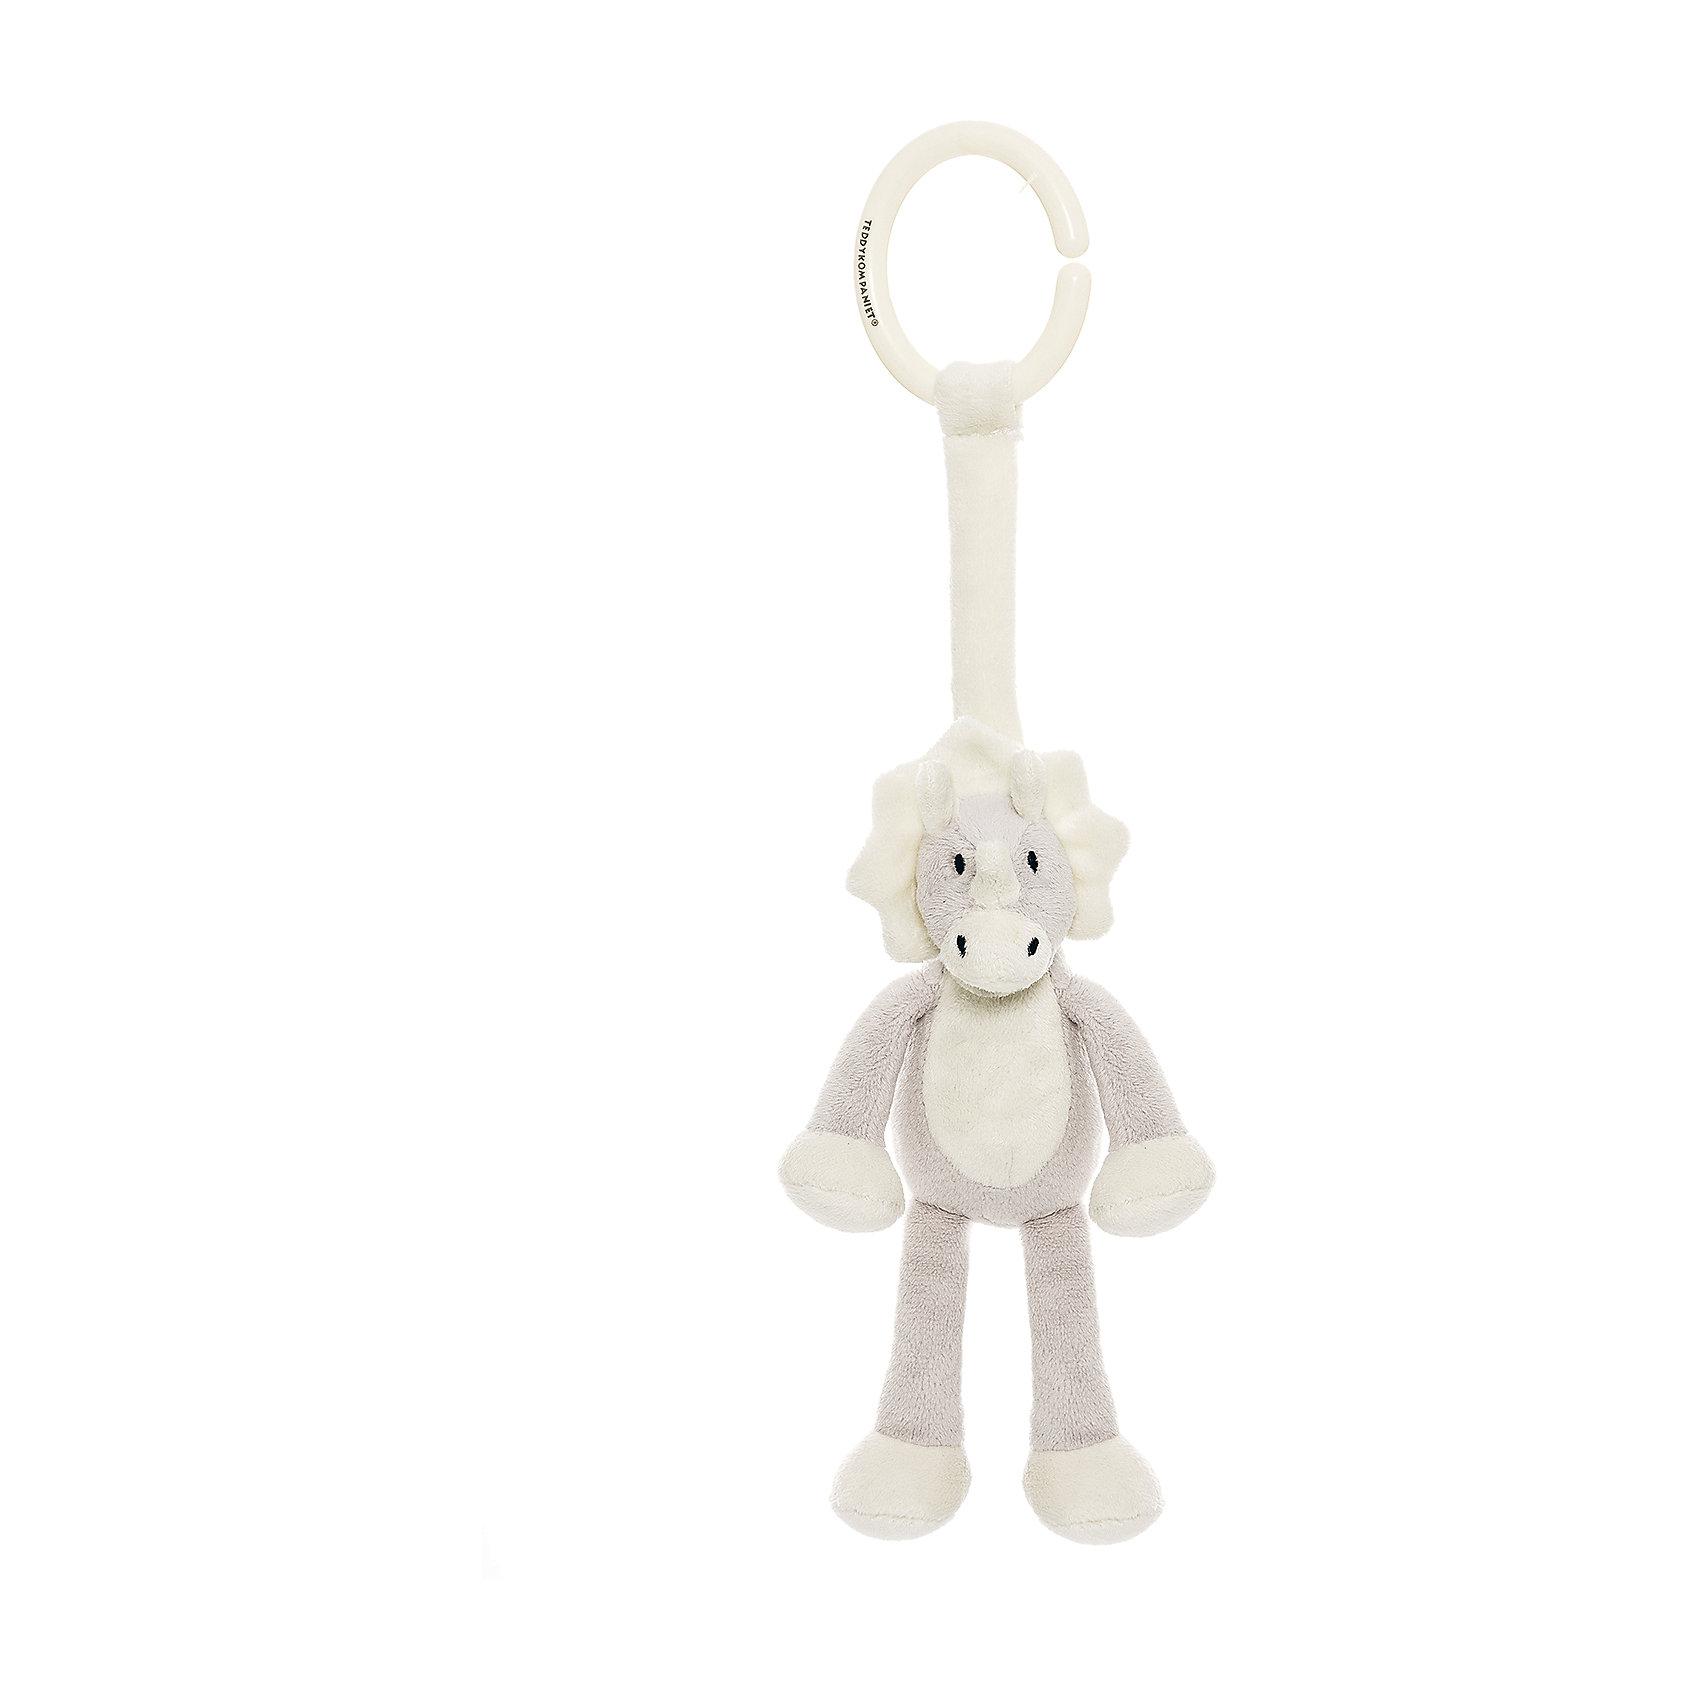 Подвесная игрушка Динозавр, Динглисар, TeddykompanietХарактеристики игрушки:<br><br>• Предназначение: игрушка-подвеска<br>• Пол: универсальный<br>• Цвет: белый, серый<br>• Материал: текстиль (велюр), пластик<br>• Тип крепления: пластиковое кольцо<br>• Вес: 70 гр.<br>• Размер: 14 см<br><br>Подвесная игрушка Динозавр, Динглисар, Teddykompaniet от щвейцарского производителя выполнена из материалов самого высокого качества. Динозавр предназначен для подвешивания на мобиль, кроватку, коляску, автокресло или стульчик для кормления. Игрушка выполнена из приятного на ощупь материала, что будет способствовать развитию тактильных ощущений. Динозавр легок в уходе: его можно стирать в стиральной машине на щадящем режиме.<br><br>Подвесную игрушку Динозавра, Динглисар, Teddykompaniet можно купить в нашем интернет-магазине.<br><br>Подробнее:<br>Для детей в возрасте: от 0 месяцев и до 3 лет<br>Номер товара: 4903935<br>Страна производитель: Швеция<br><br>Ширина мм: 160<br>Глубина мм: 160<br>Высота мм: 100<br>Вес г: 160<br>Возраст от месяцев: 0<br>Возраст до месяцев: 36<br>Пол: Унисекс<br>Возраст: Детский<br>SKU: 4903935